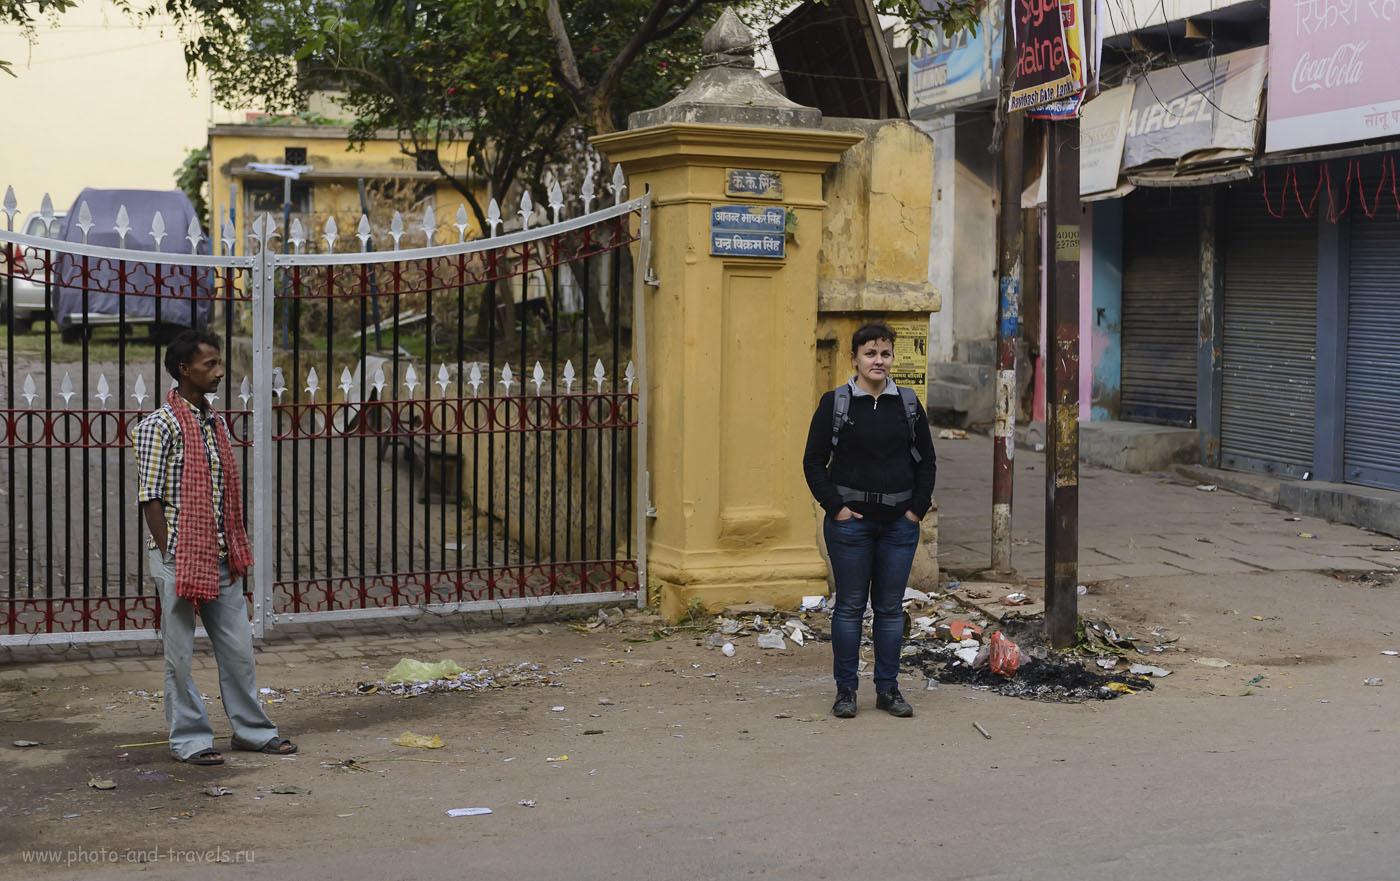 Фотография 2. На улицах Варанаси. Отчет о нашем туре в Индию. 1/1000, -0.33EV, 2.8, 250, 52.